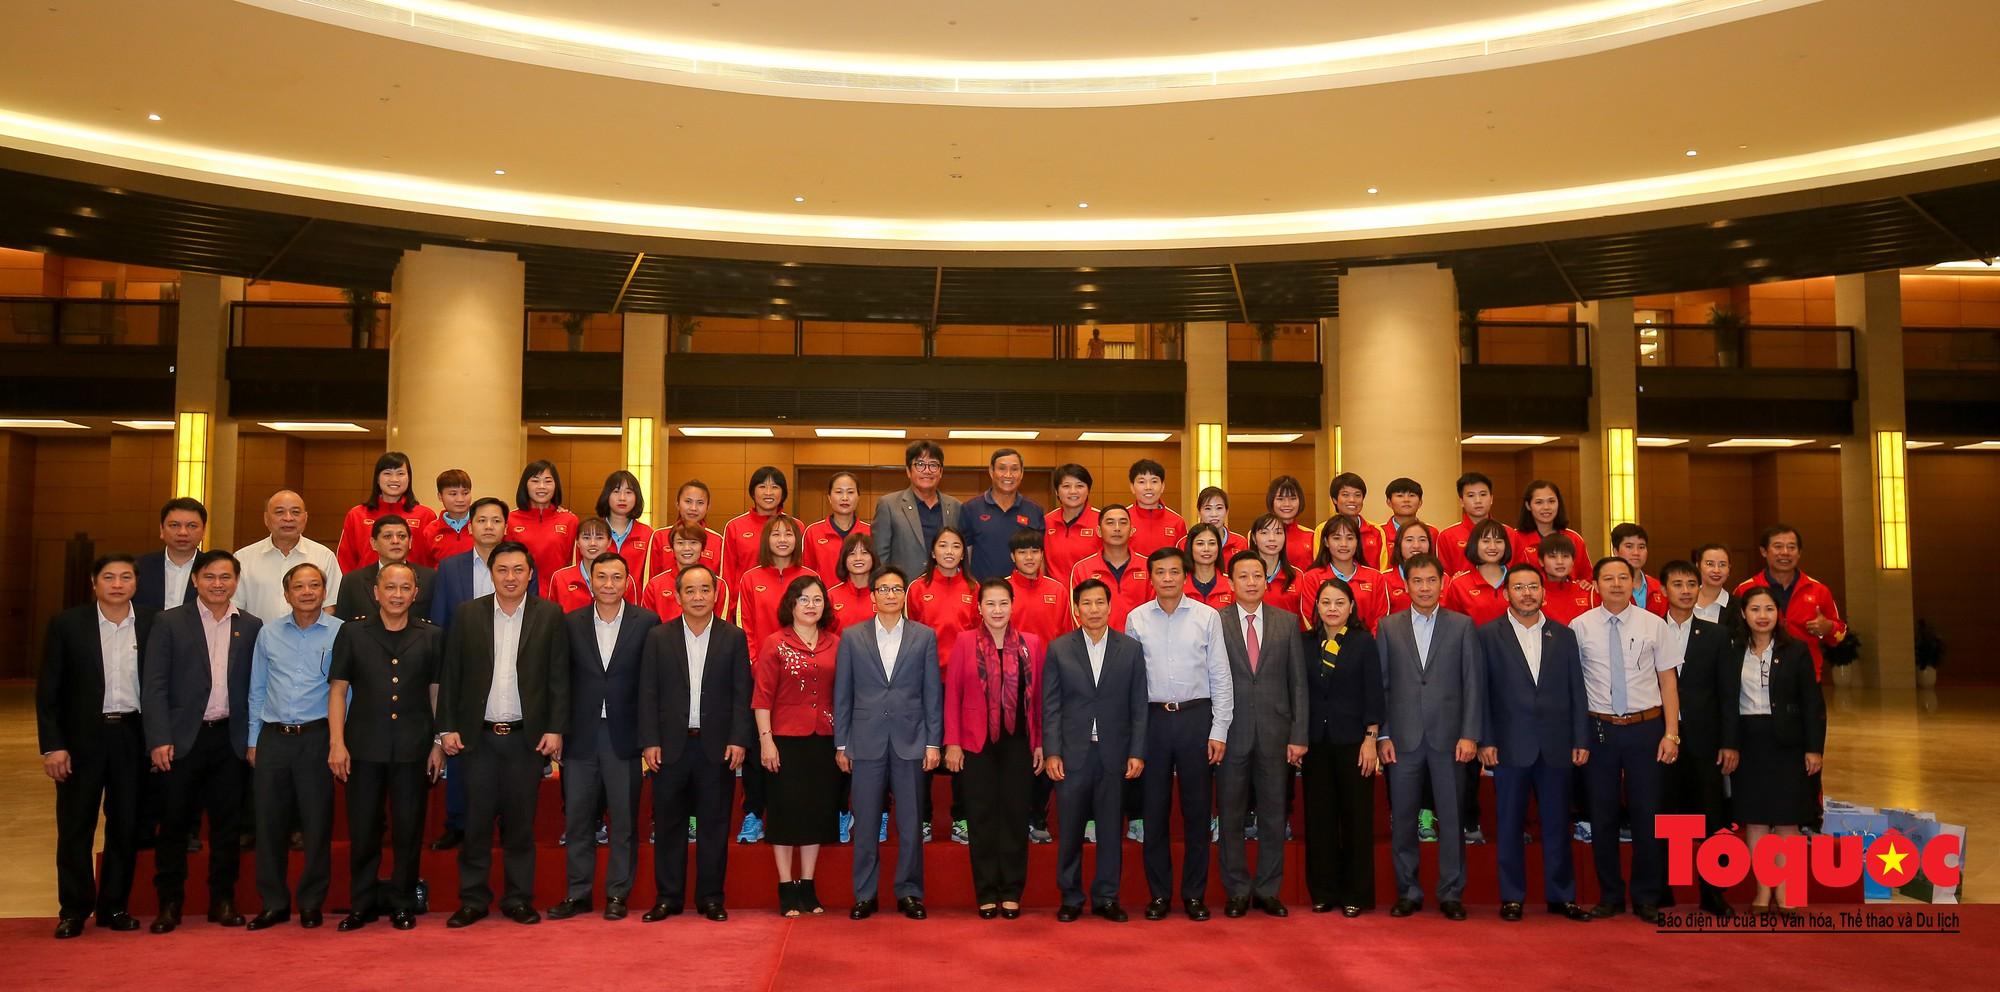 Chủ tịch Quốc hội Nguyễn Thị Kim Ngân: Bóng đá nam nhìn thành tích bóng đá nữ còn phải mơ ước dài18